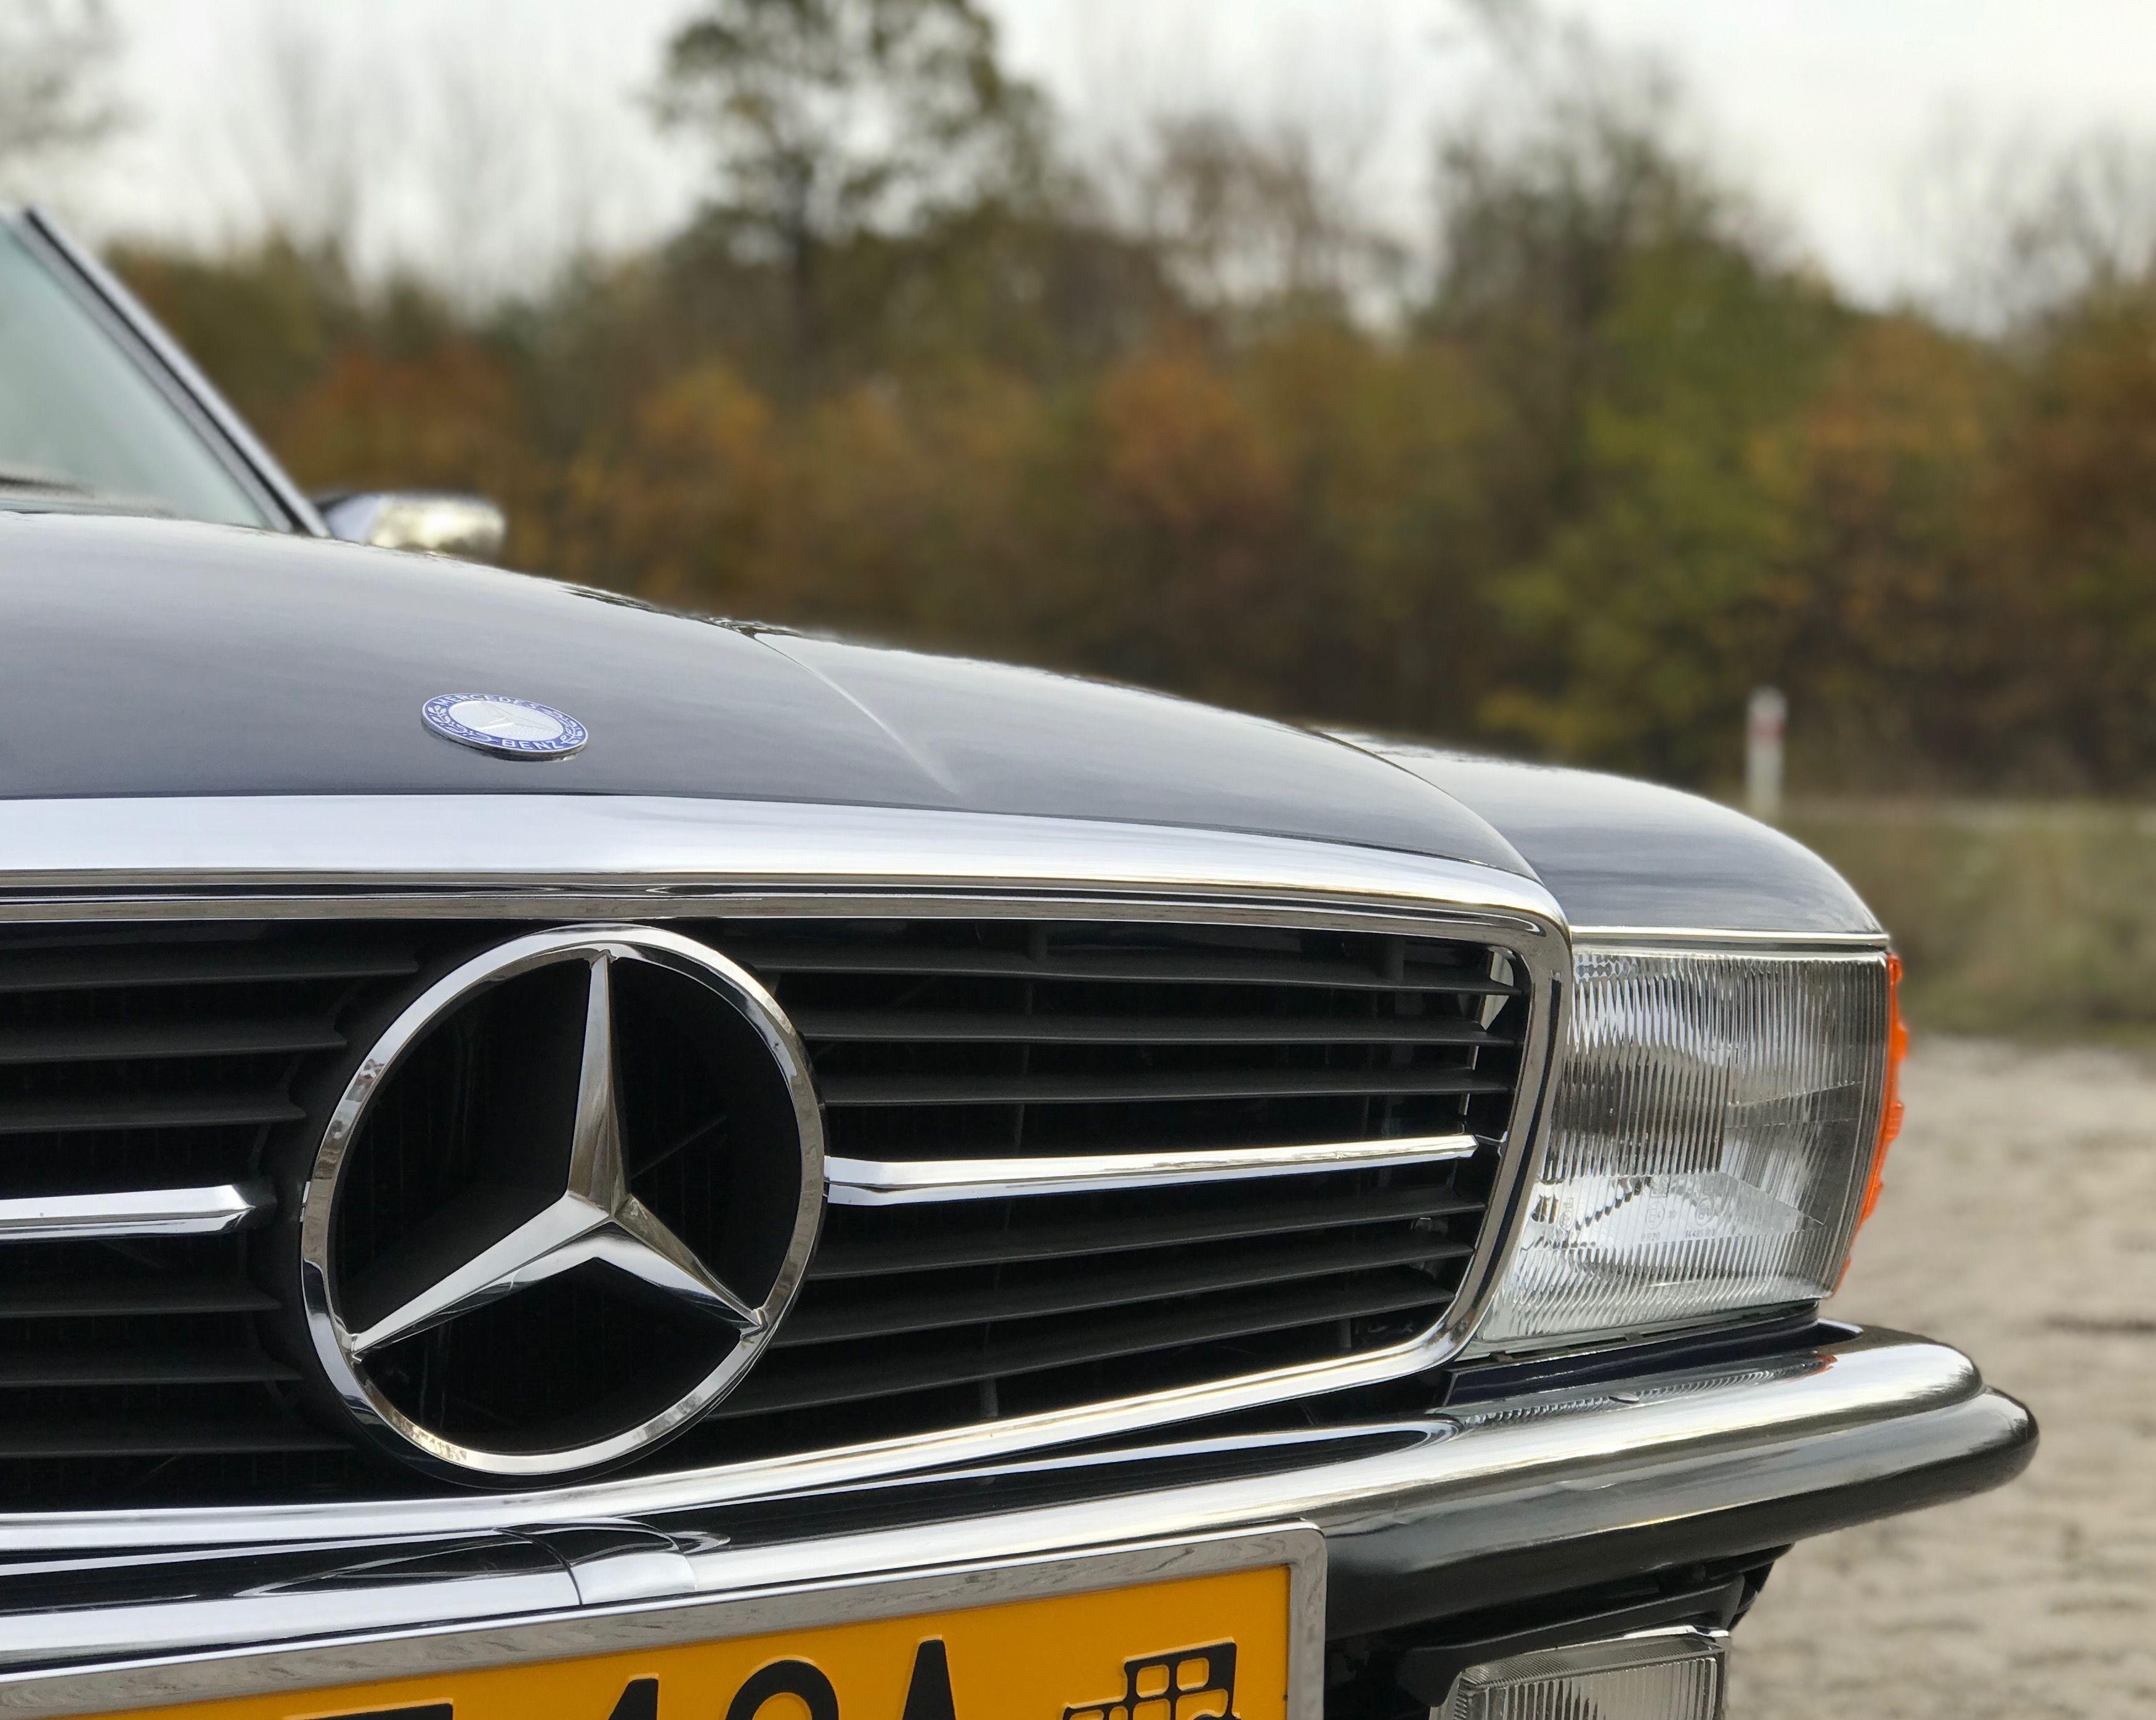 Mercedes R107 Front Grill Mercedes Mercedes Benz Logo Mercedes Benz Cars